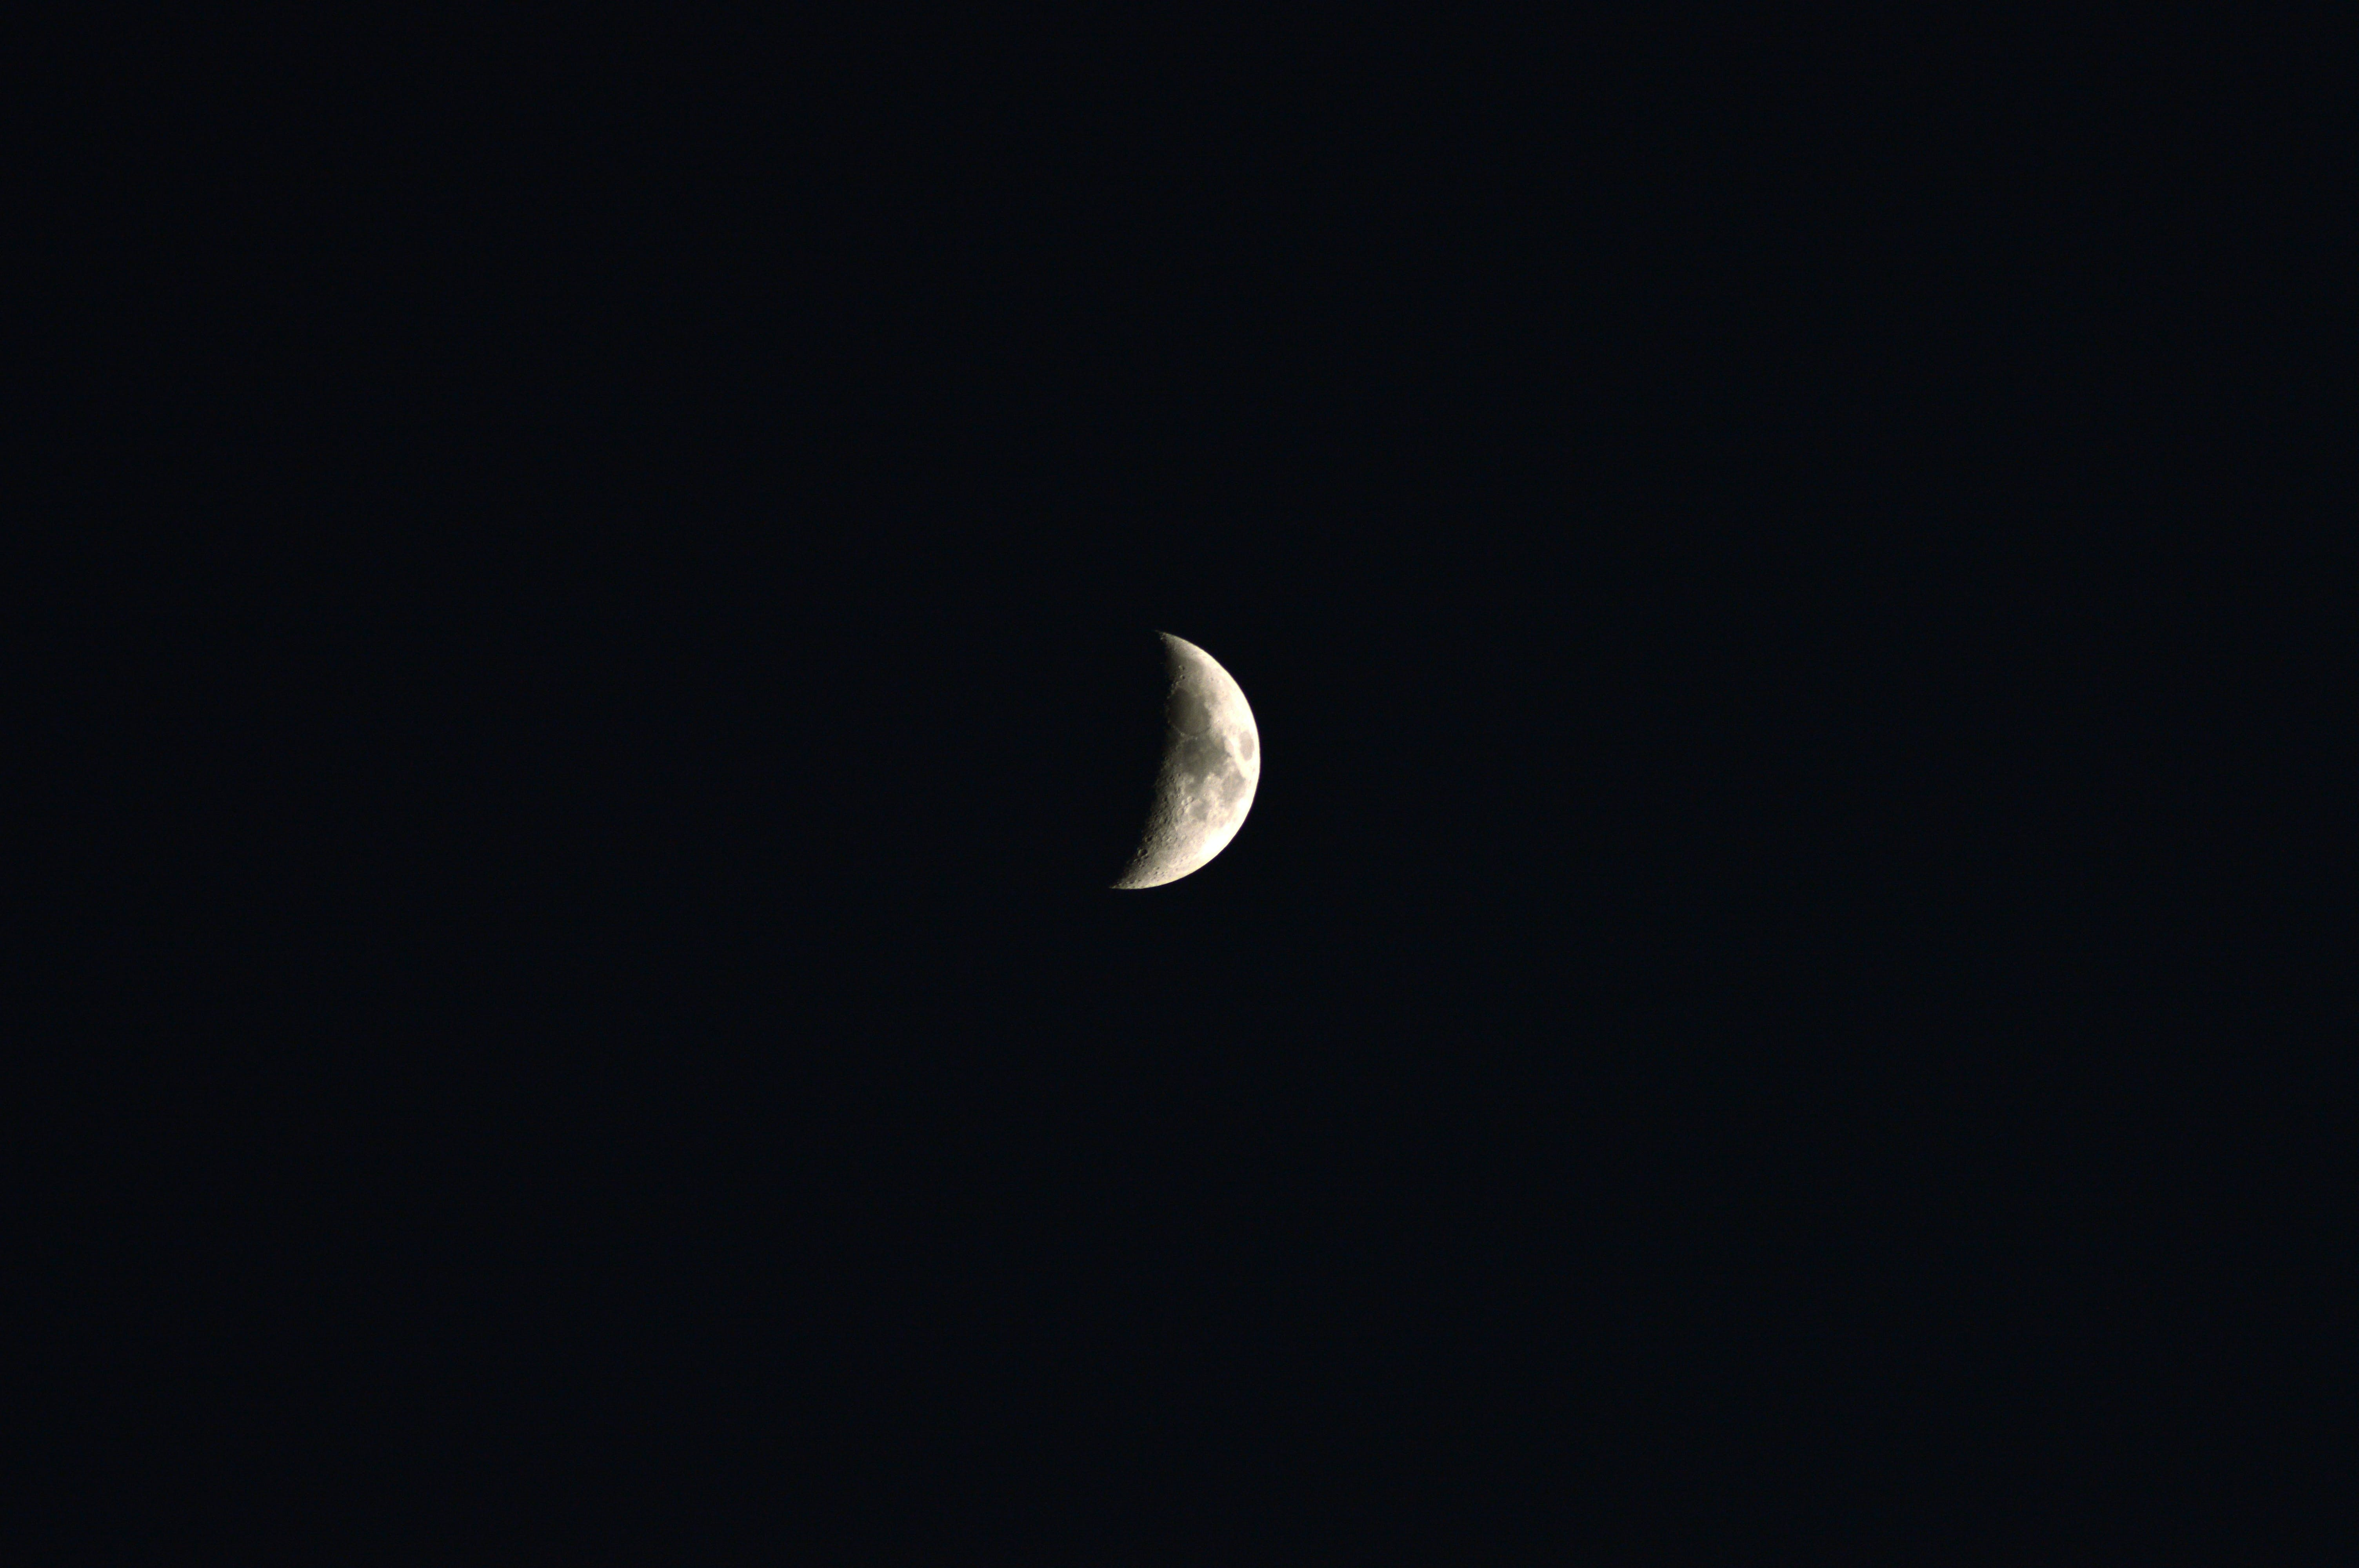 astrologie, astronomie, dunkel